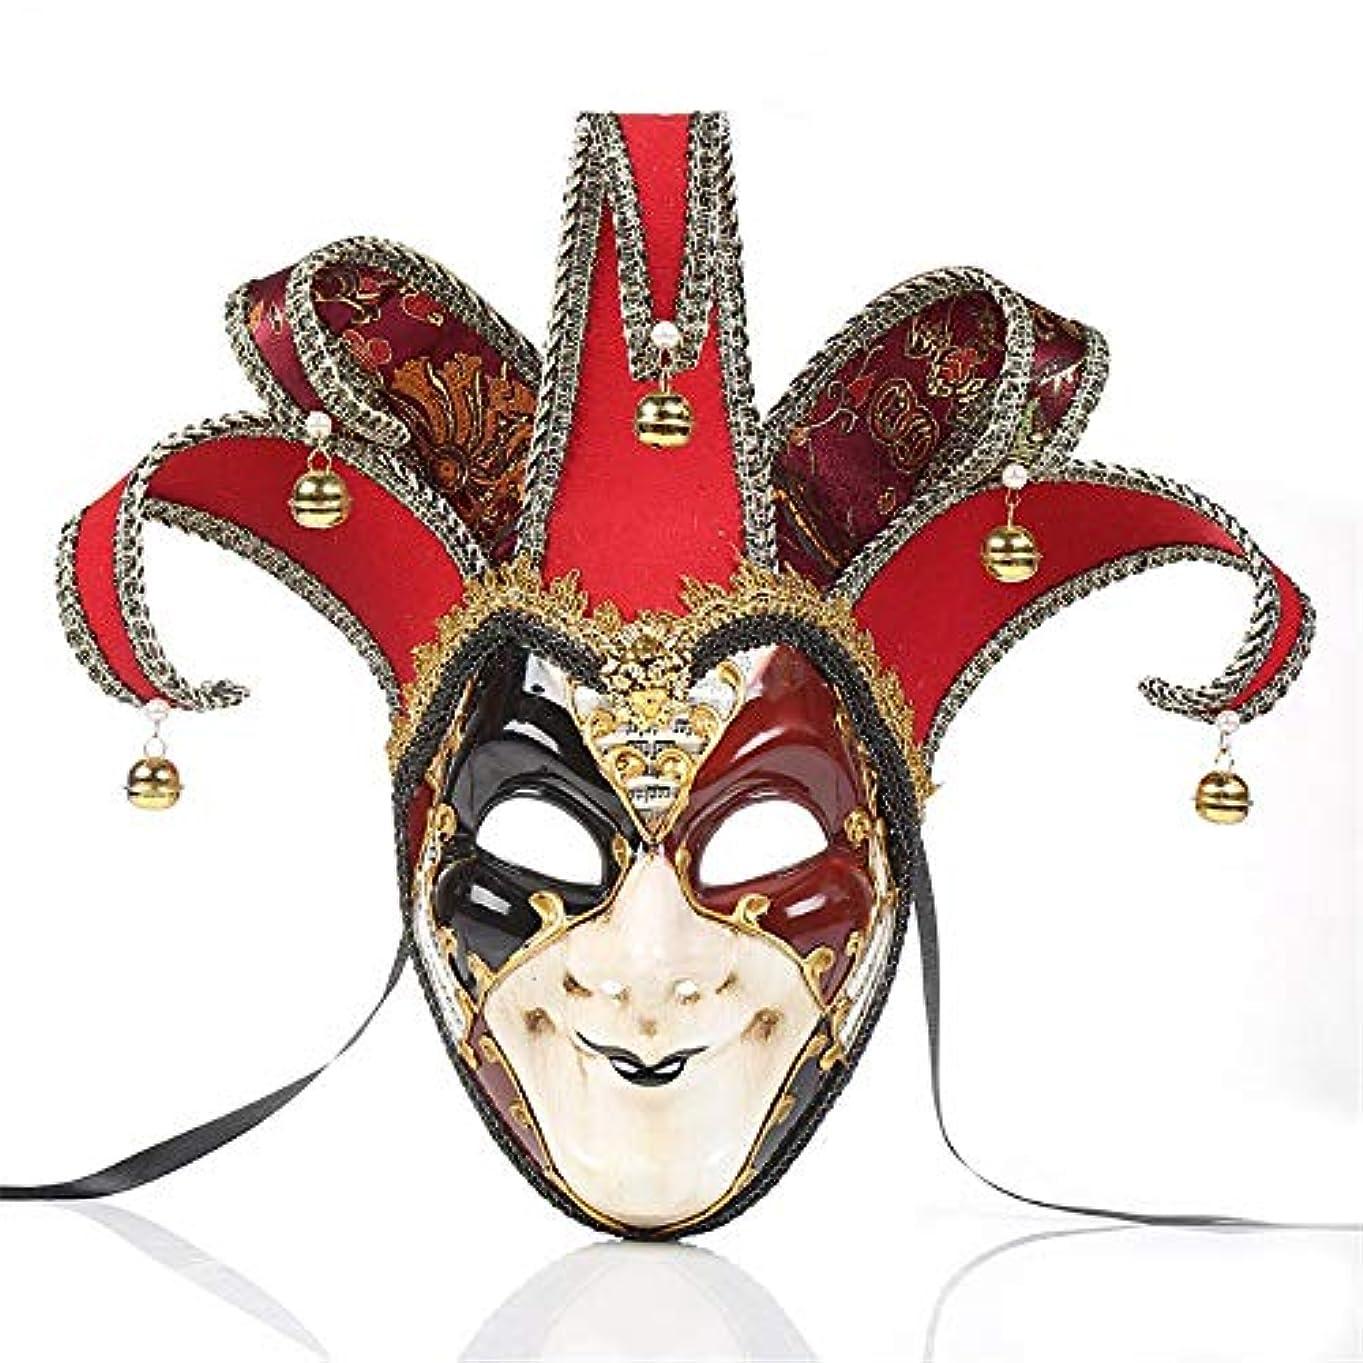 申請者チラチラするエネルギーダンスマスク ピエロマスクハロウィーンパフォーマンスパフォーマンス仮面舞踏会雰囲気用品祭りロールプレイングプラスチックマスク ホリデーパーティー用品 (色 : 赤, サイズ : 39x33cm)